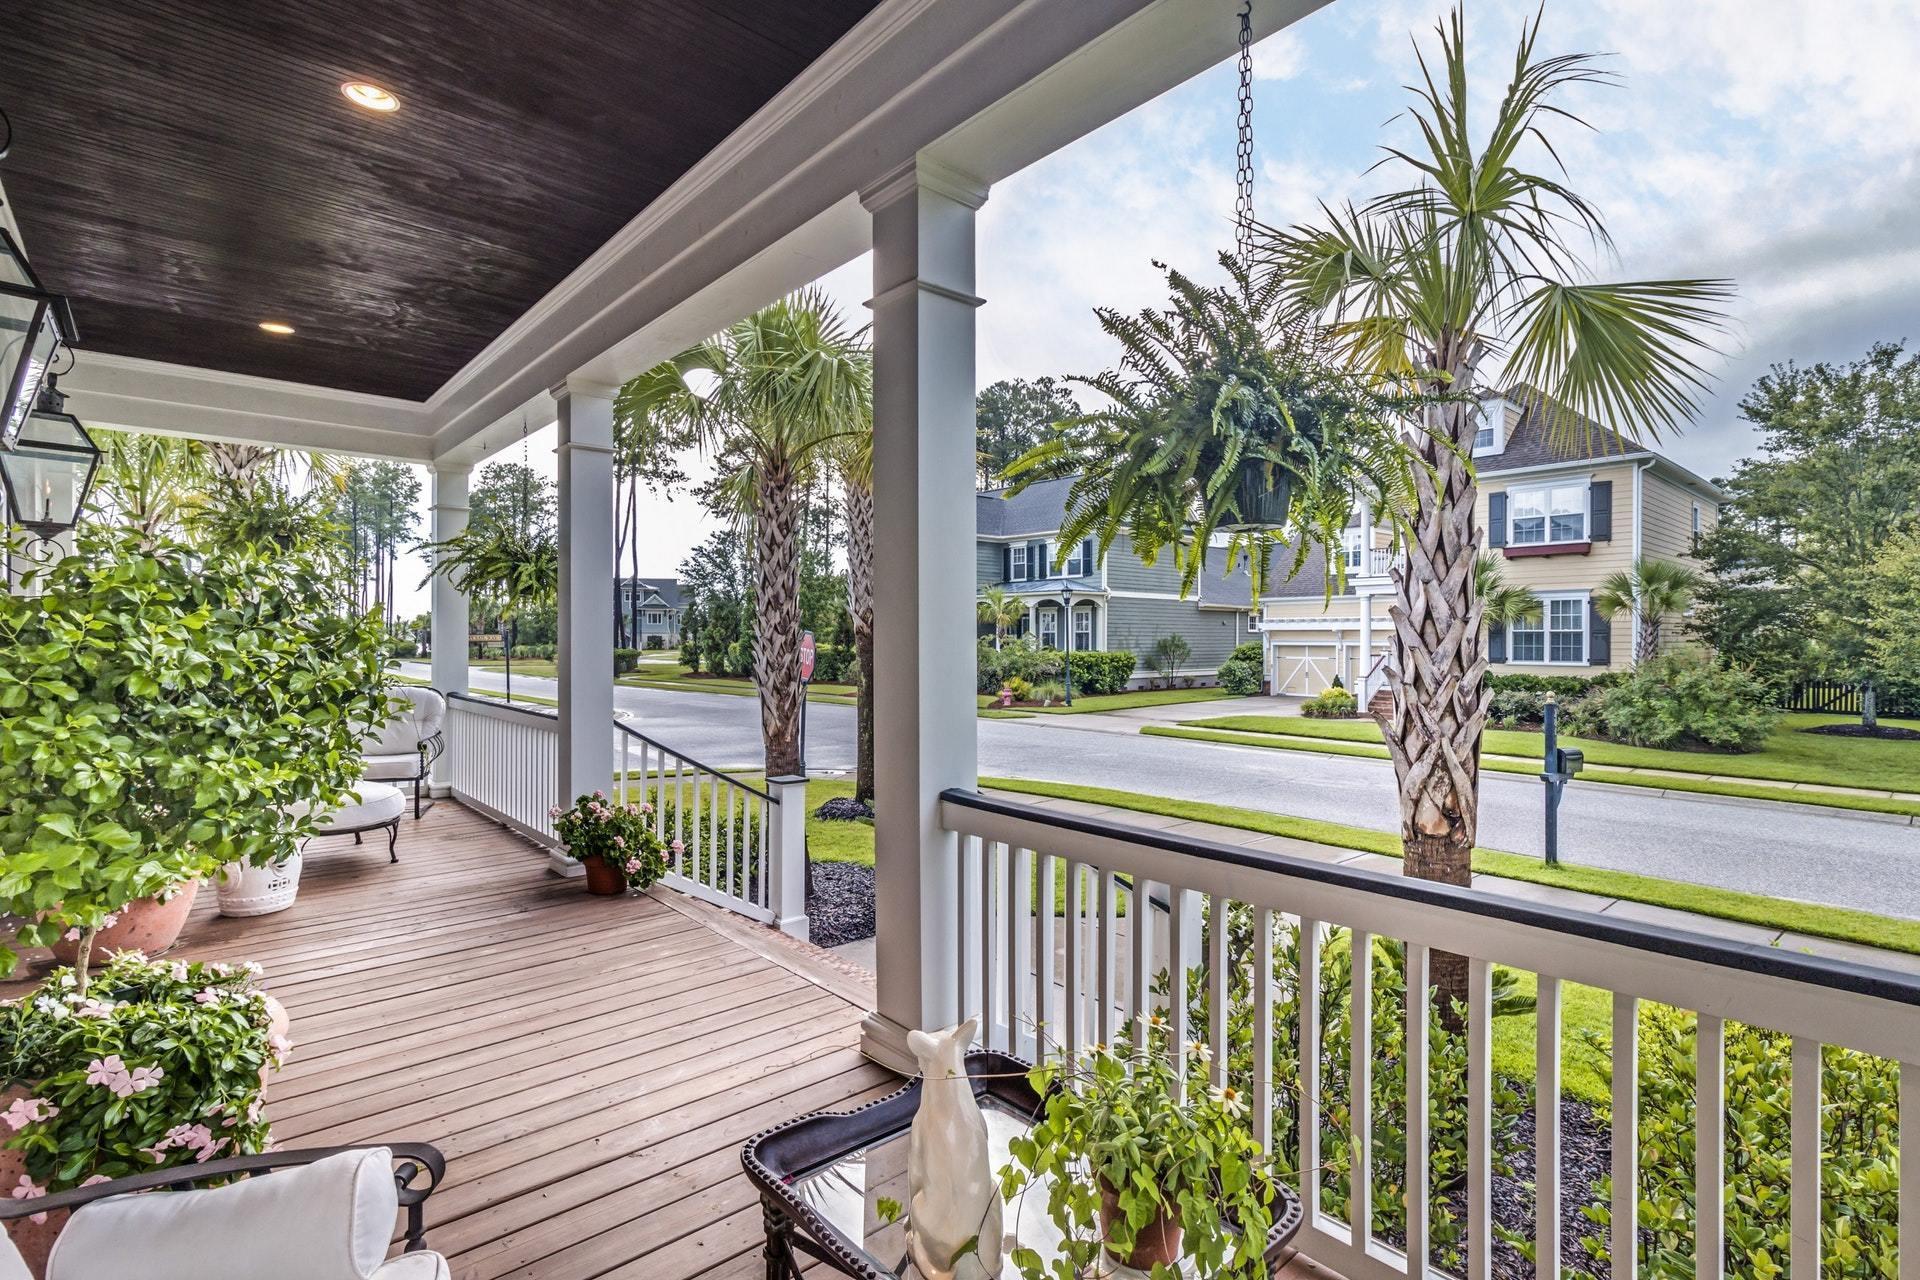 Dunes West Homes For Sale - 2816 River Vista, Mount Pleasant, SC - 12